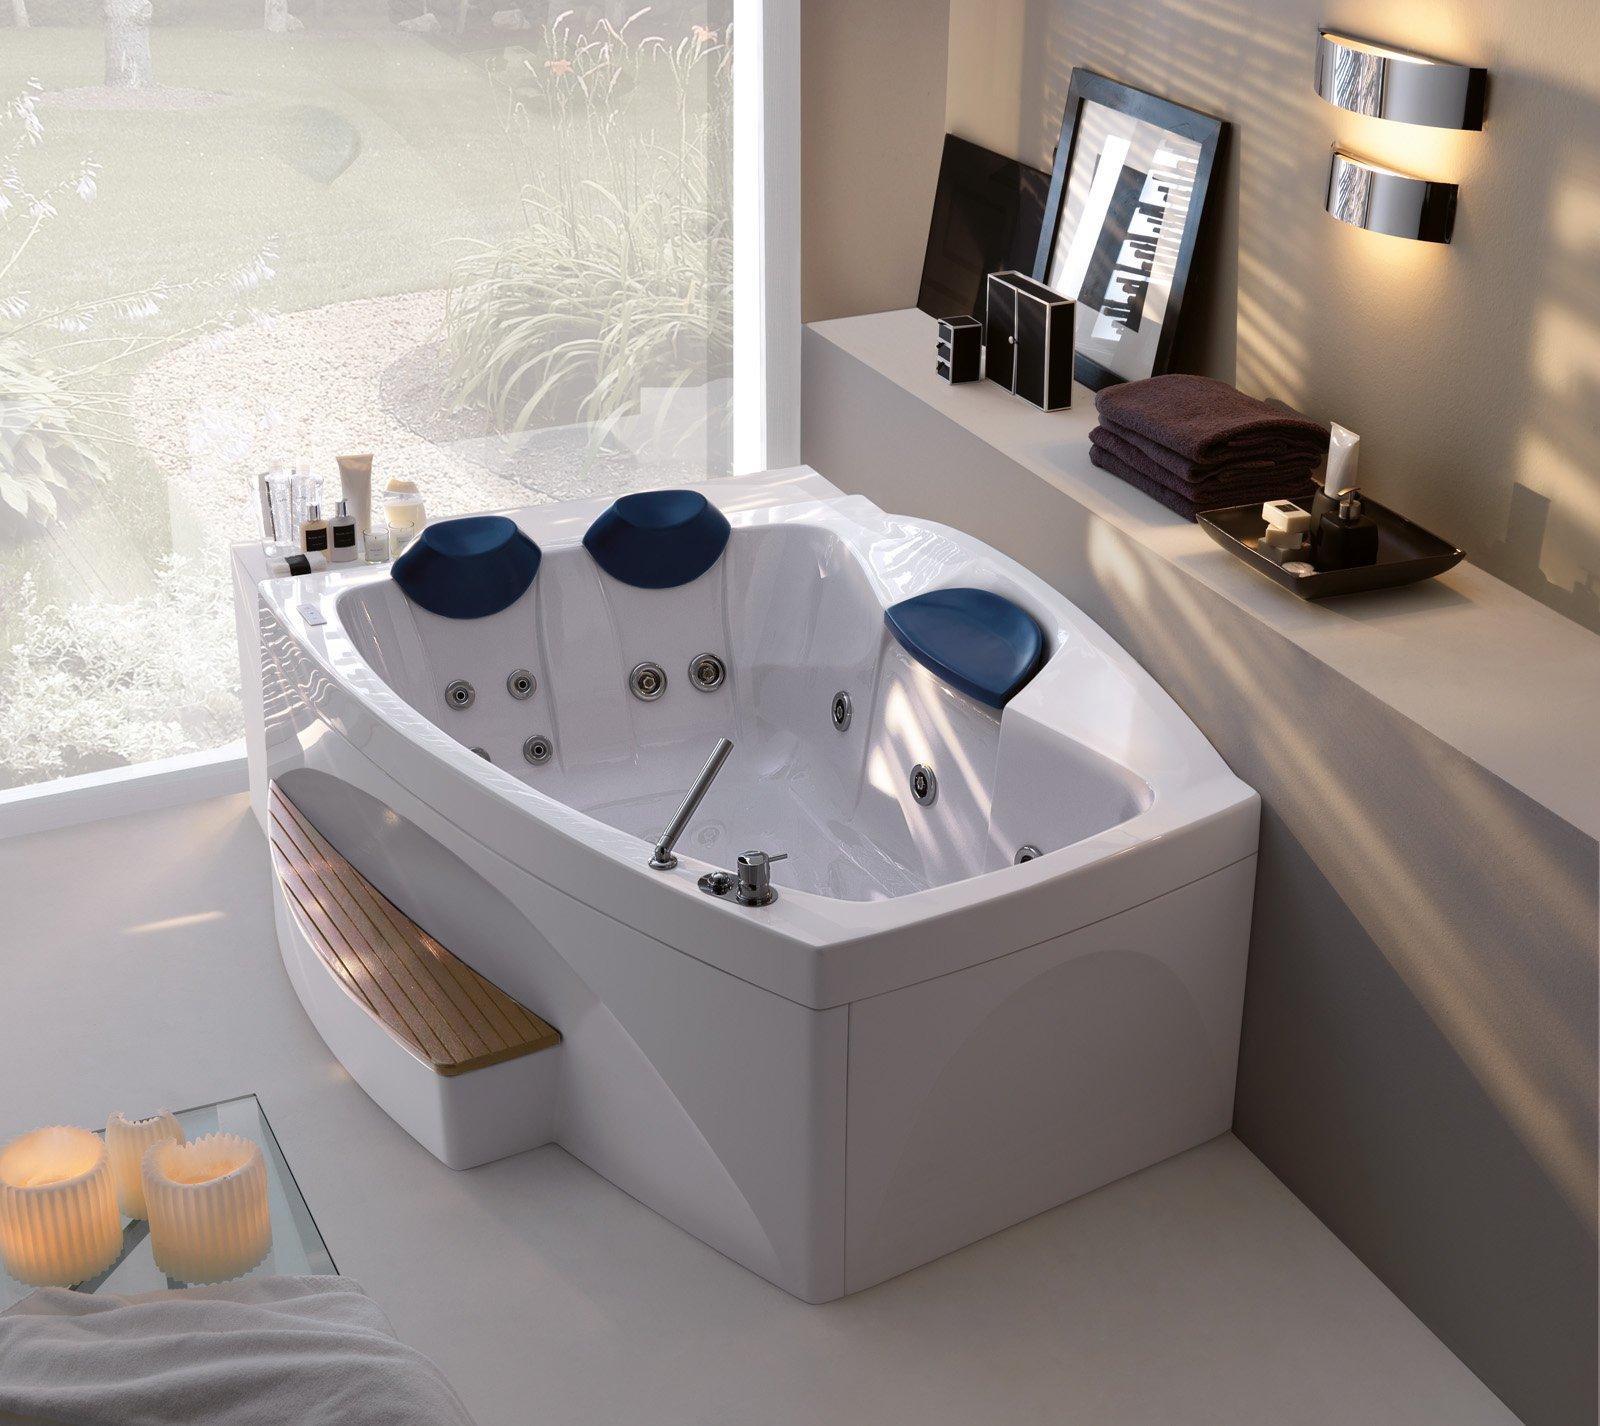 Le vasche idromassaggio cose di casa - Colorare acqua vasca da bagno ...